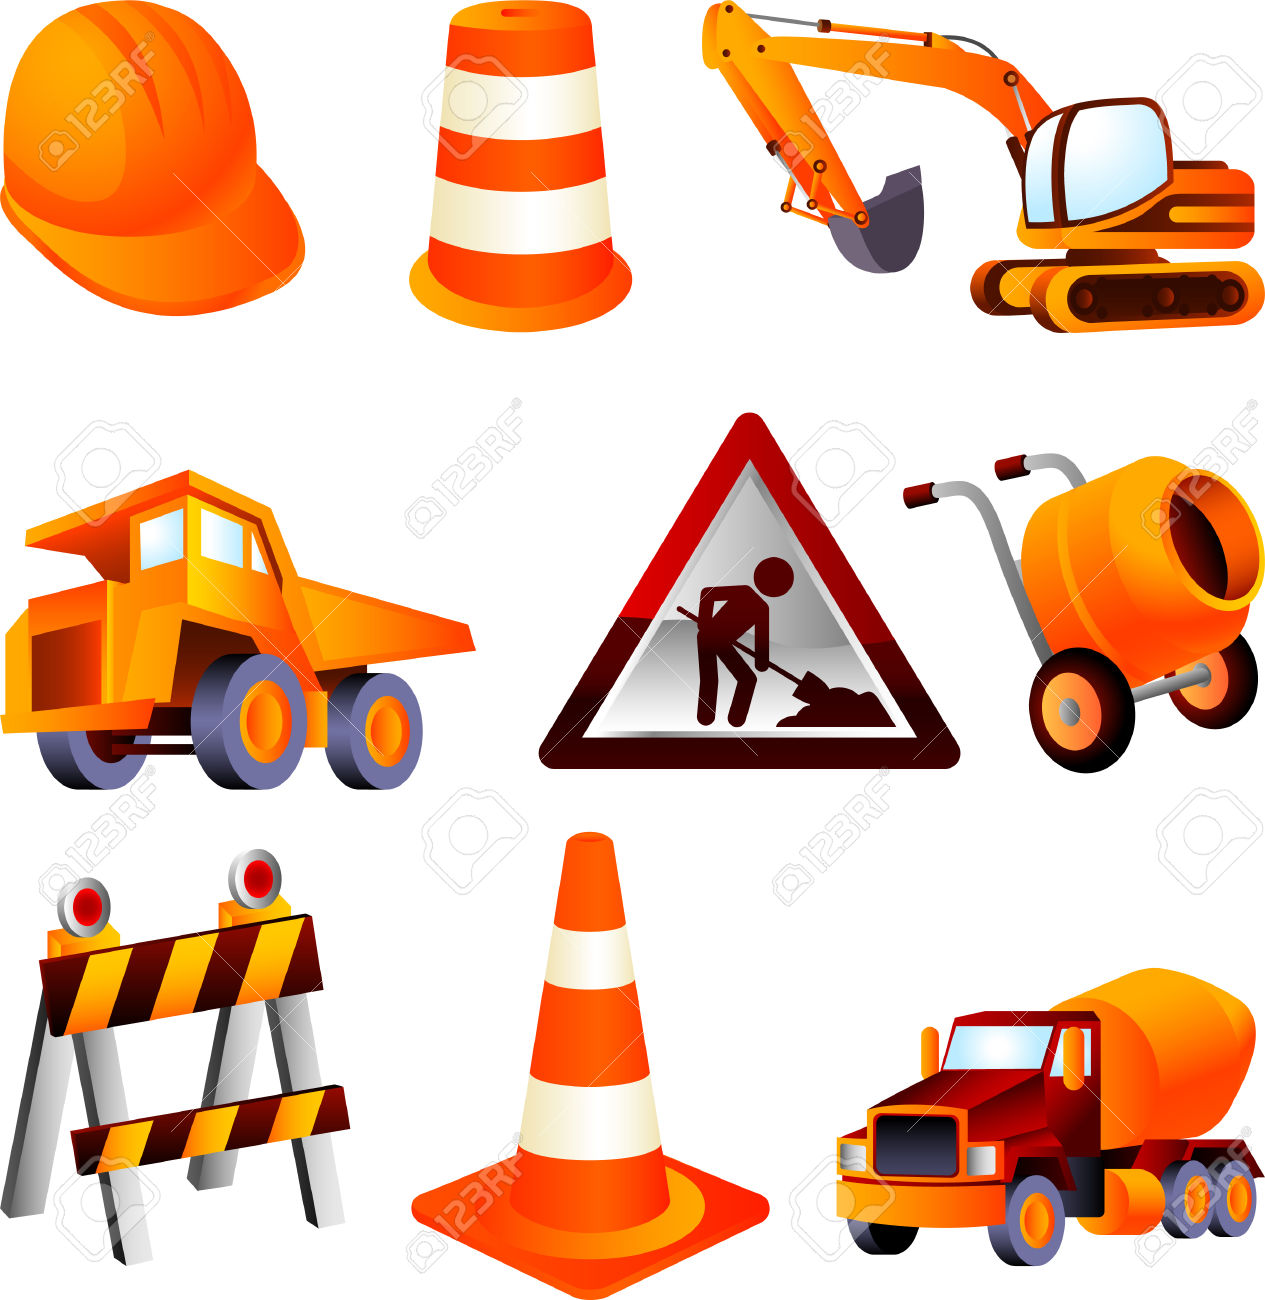 Construction Equipment, Dump Truck, Cement Mixer, Construction.